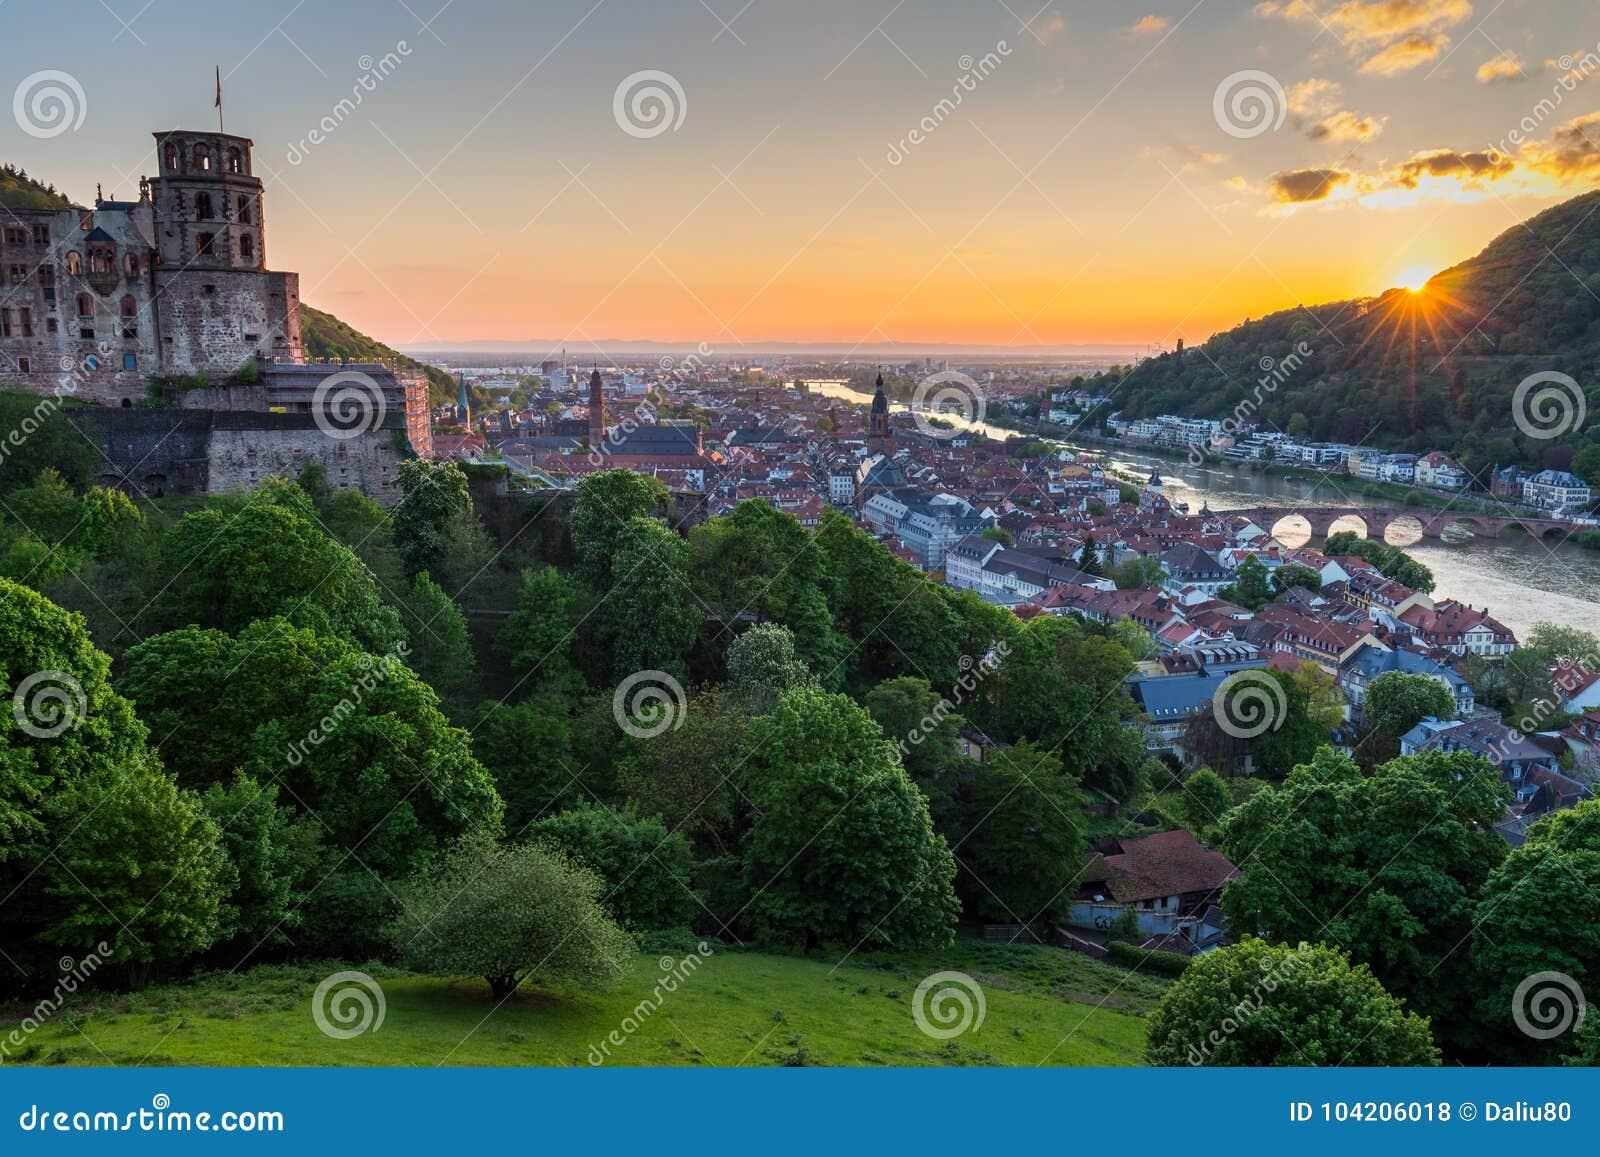 Vista panoramica di bella città medievale Heidelberg compreso la C